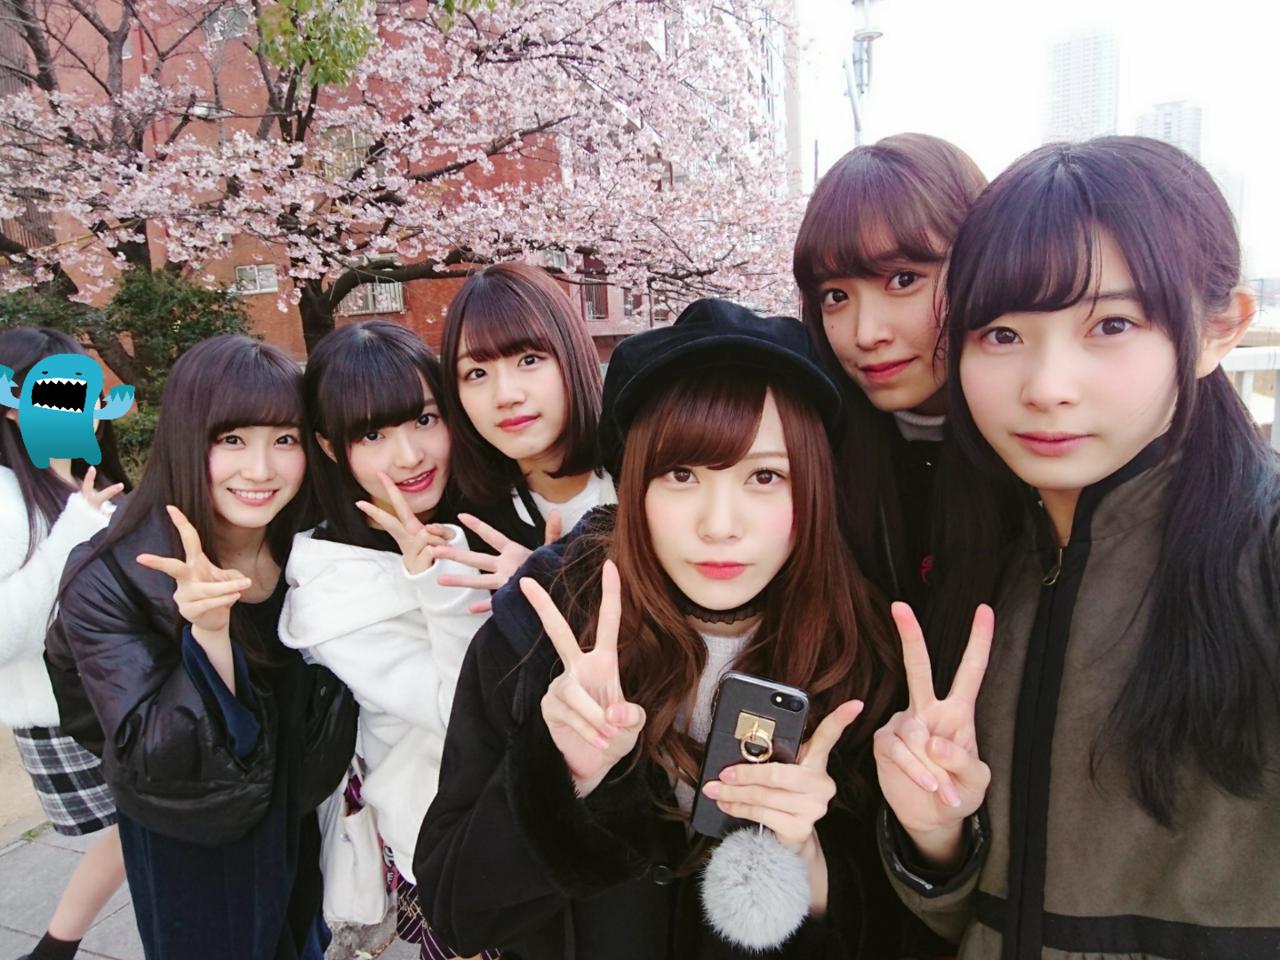 欅坂46 2017 桜